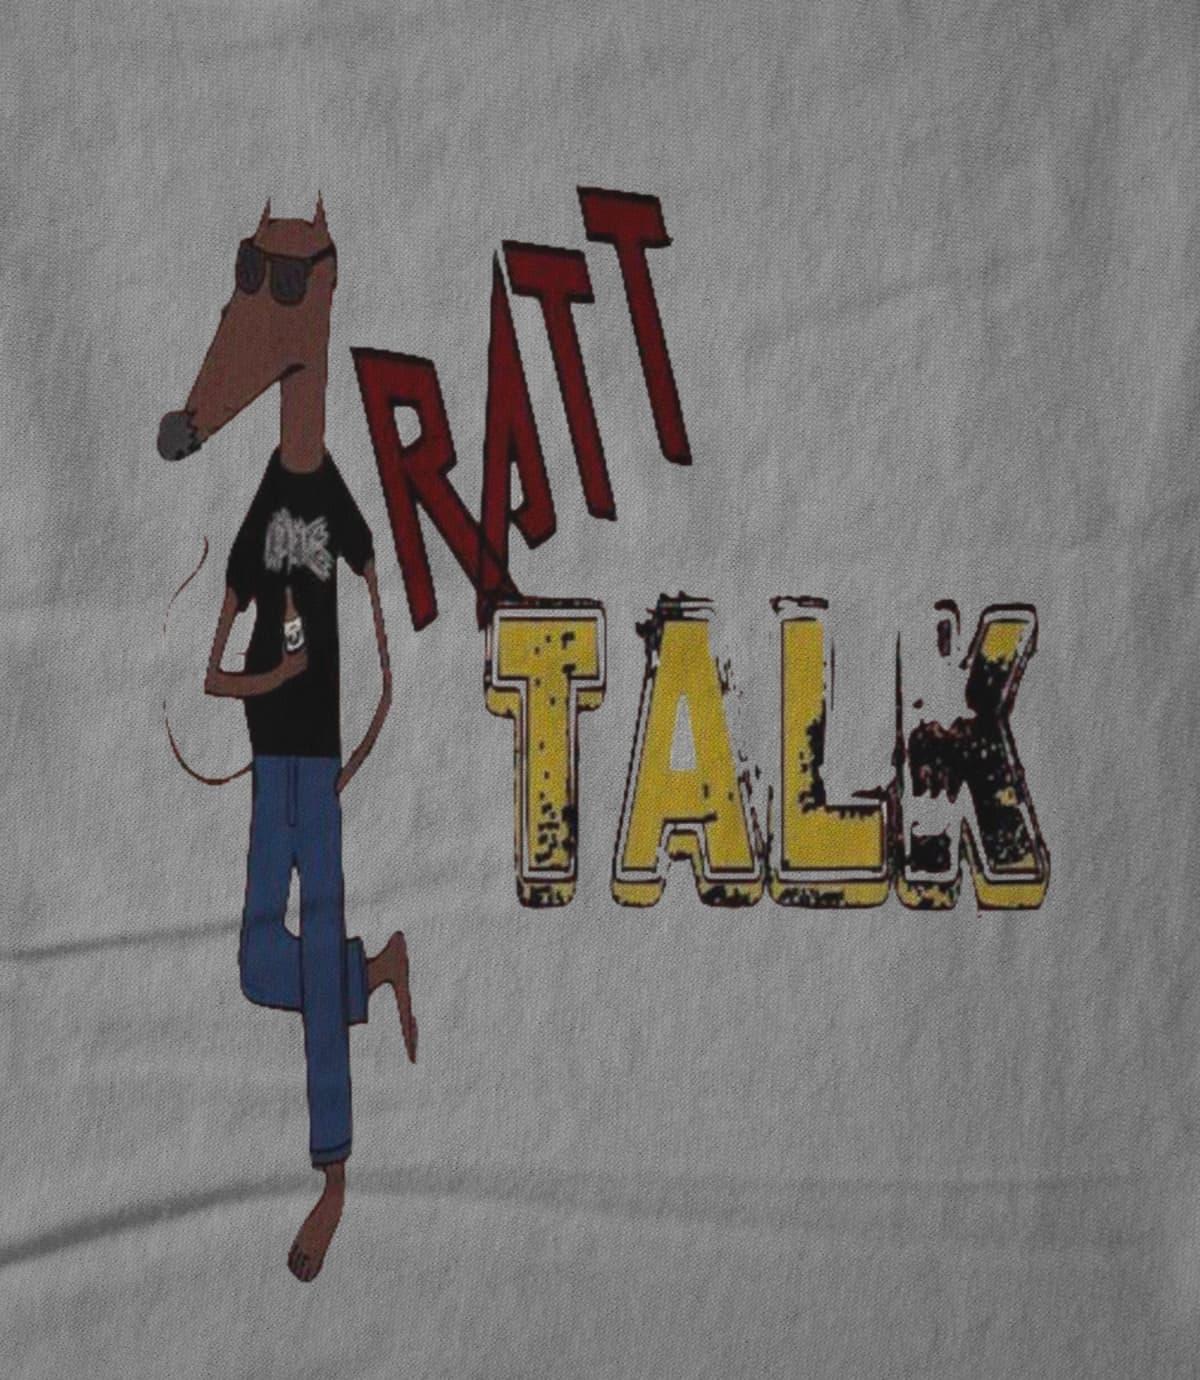 Ratt Talk